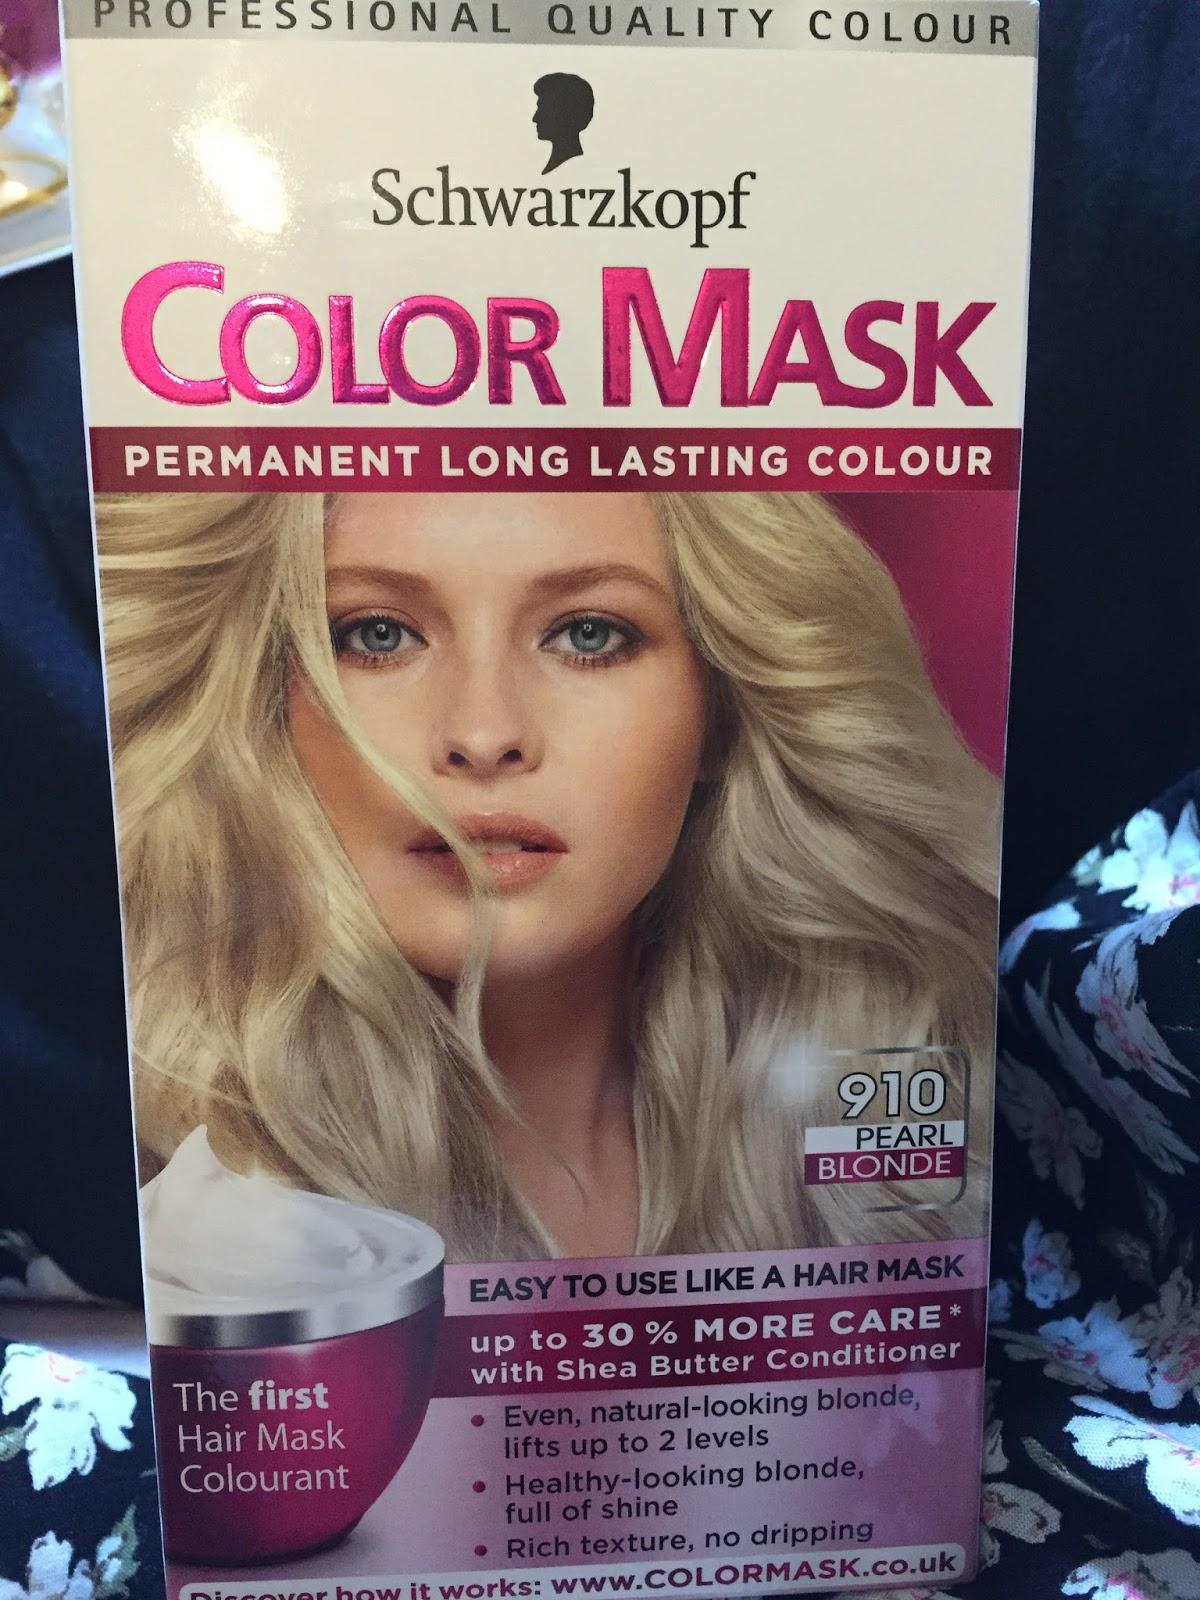 Schwarzkopf Color Mask In 910 Pearl Blonde Blondee P